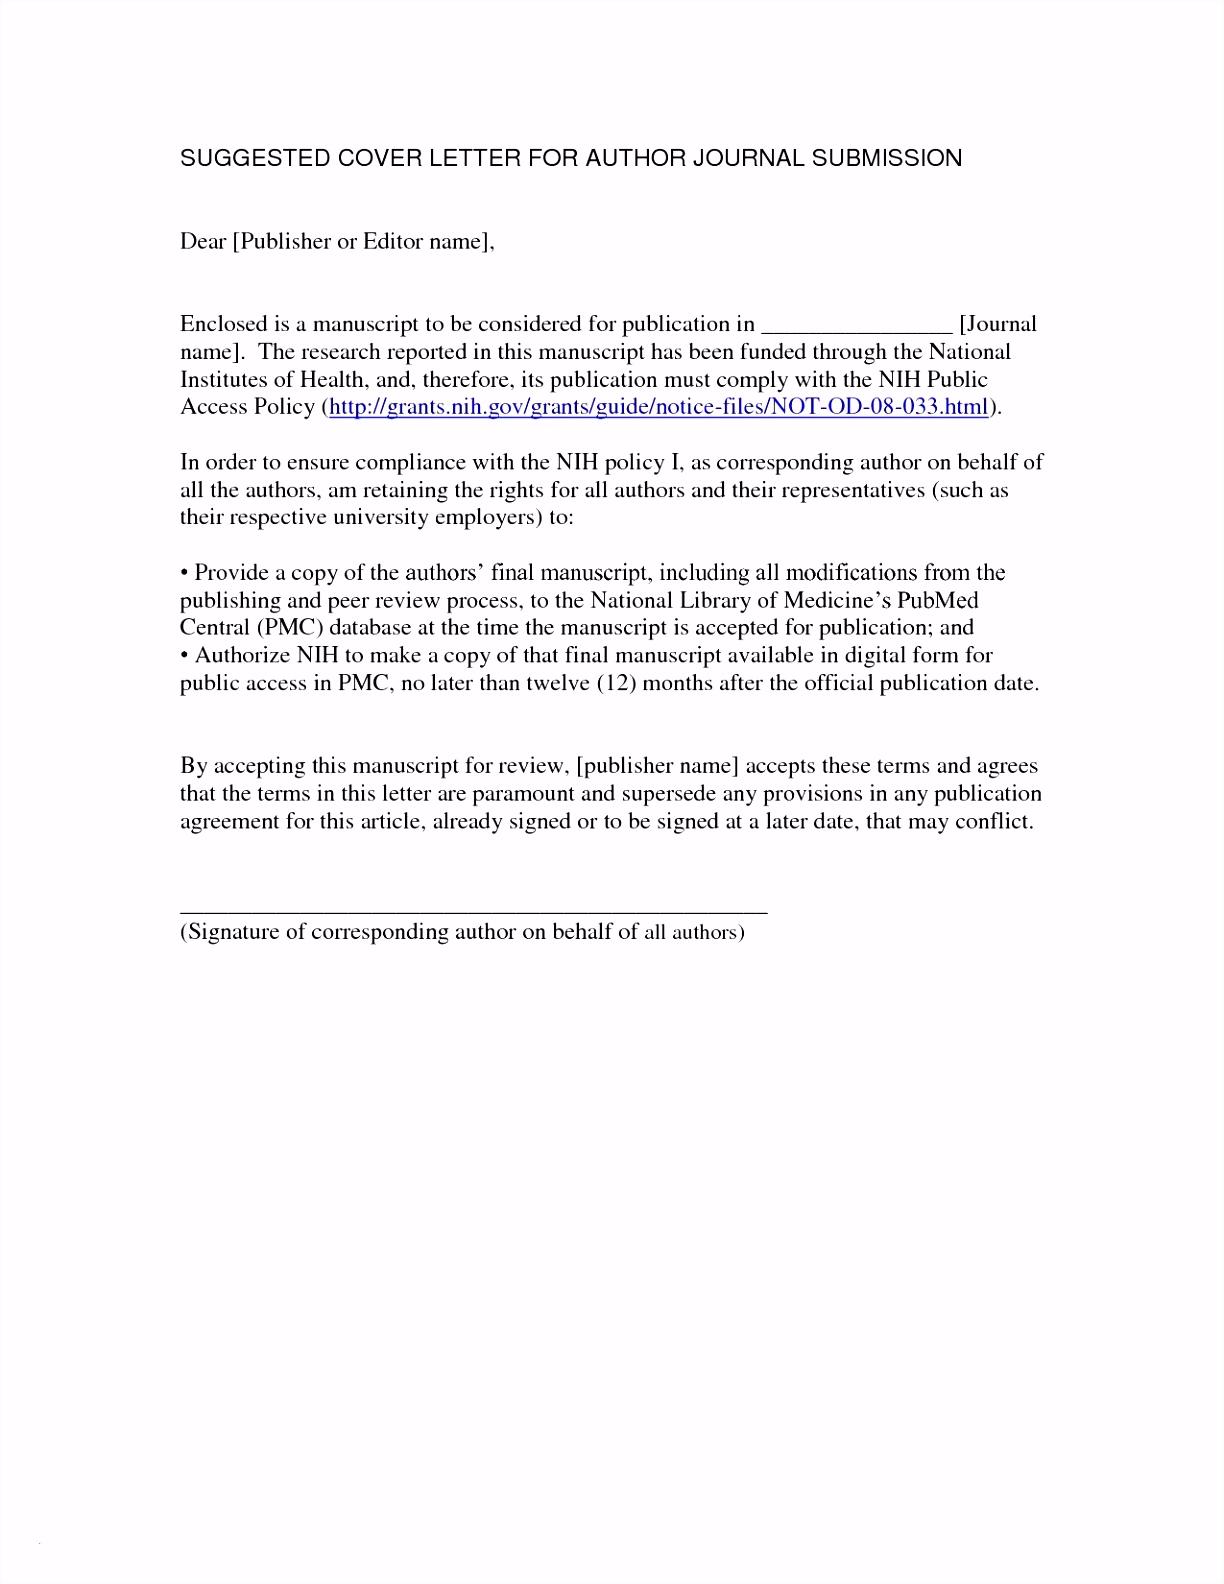 Online Bewerbung Schreiben Vorlagen 20 Anschreiben Verfassen O2gr23eyw2 G6revujfv4